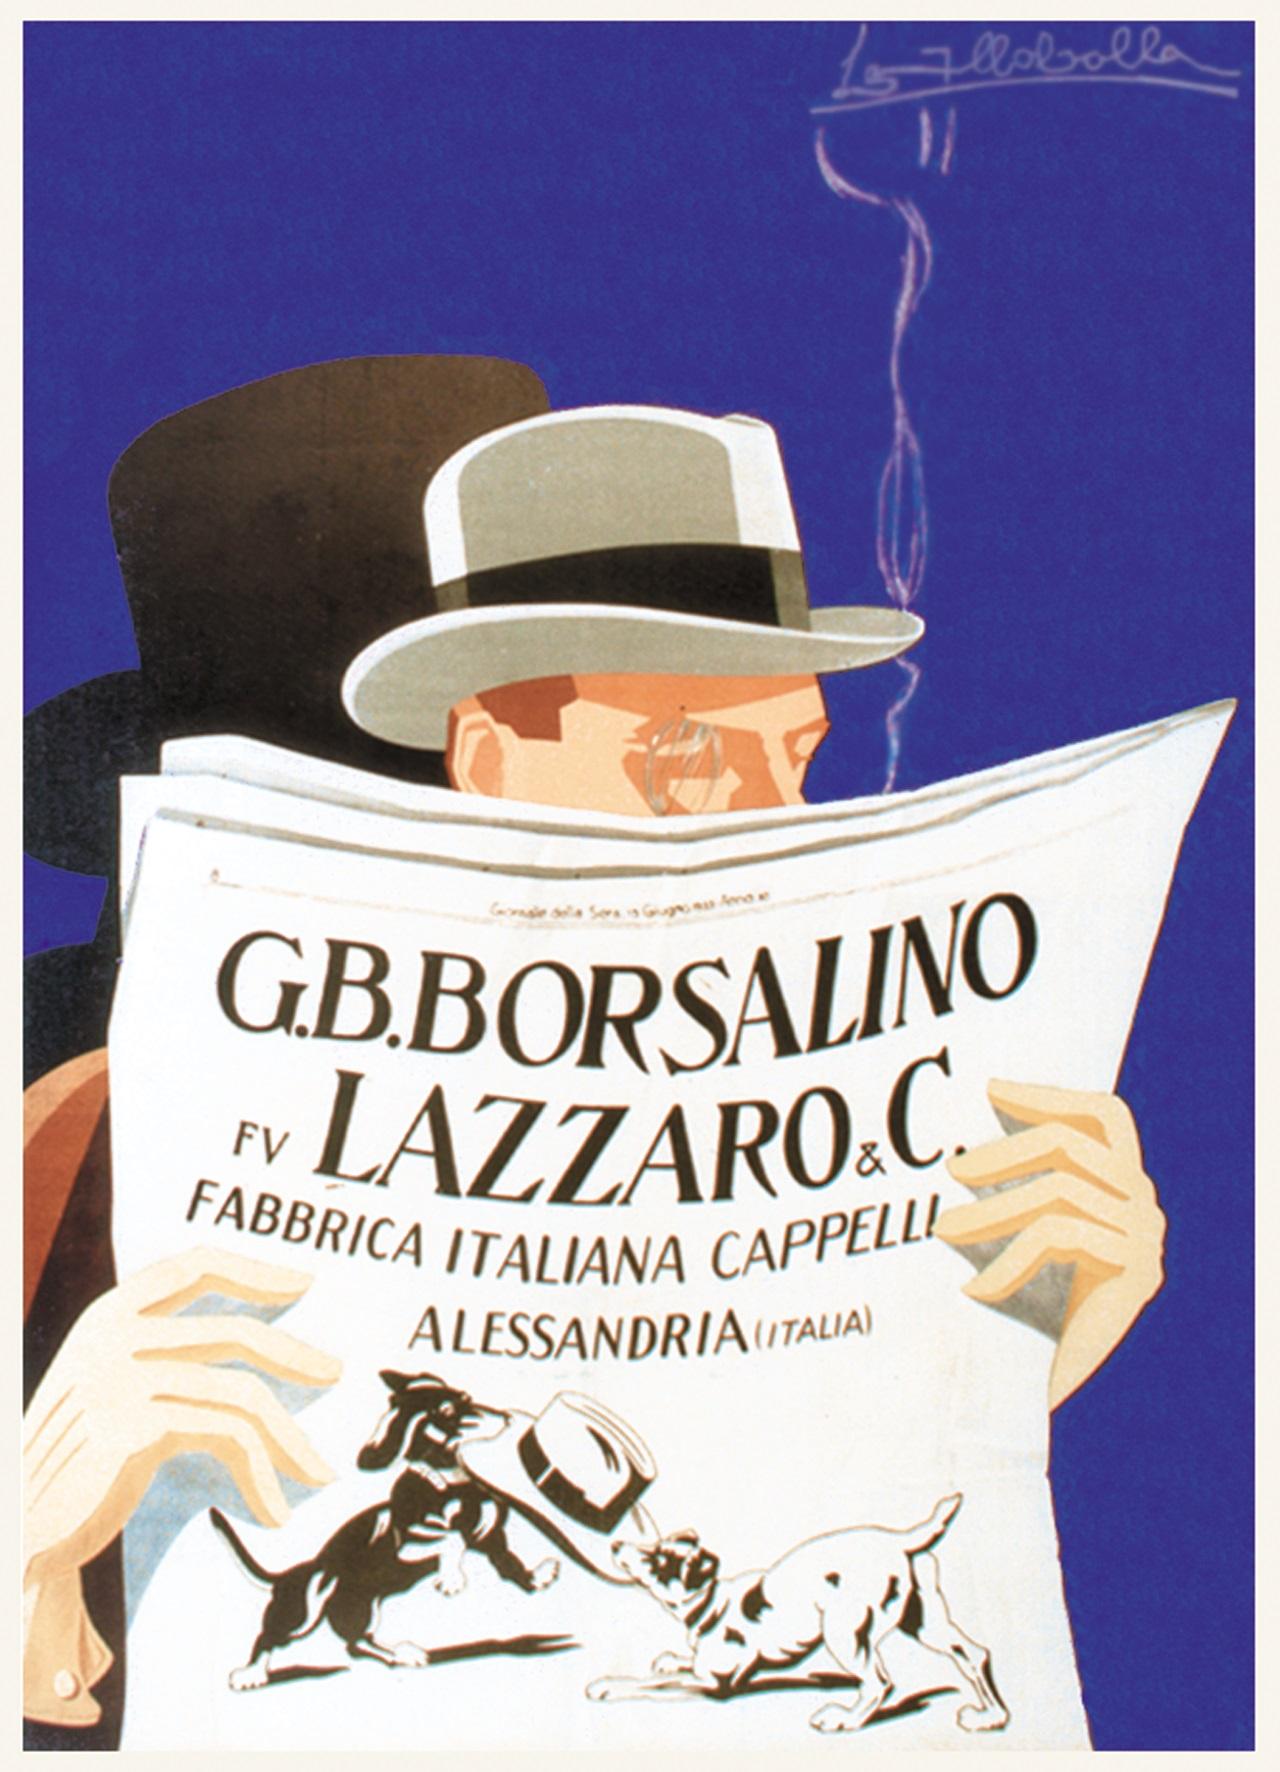 Borsalino City - 15 Lazzaro - Immagine concessa dalla Collezione Opere d'arte della Fondazione Cassa di Risparmio di Alessandria